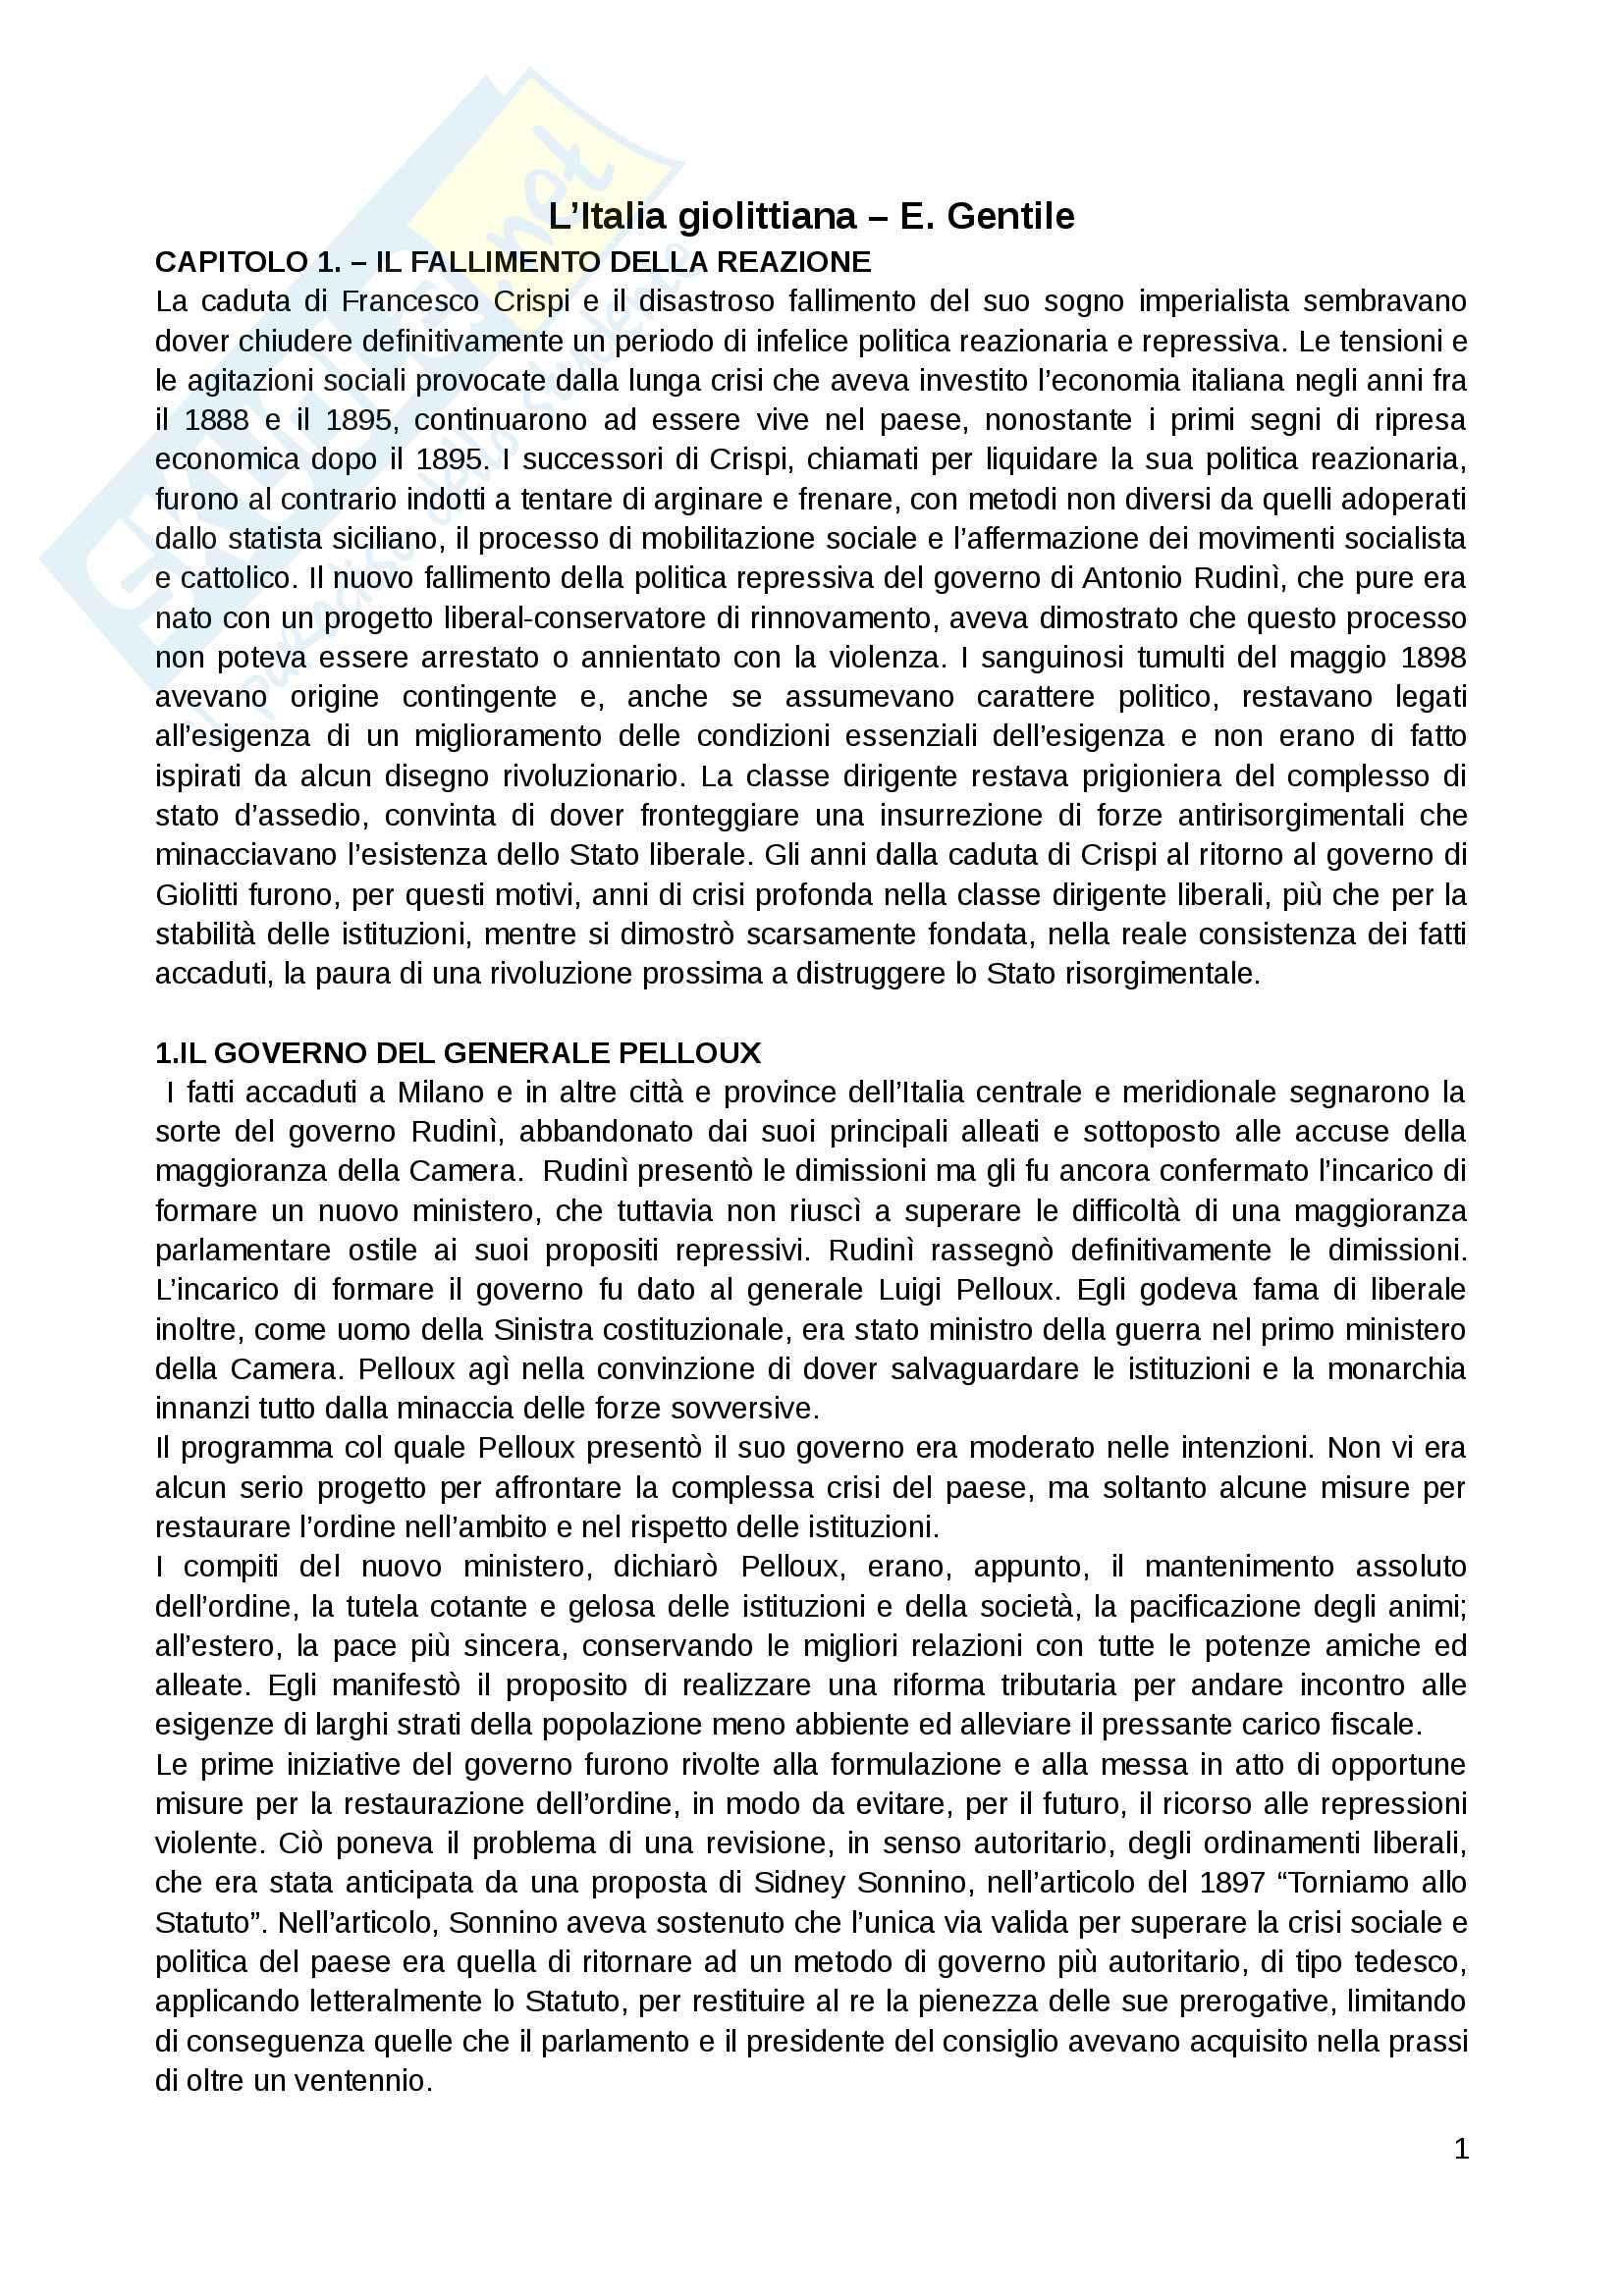 Riassunto esame Storia contemporanea, prof. Punzo, libro consigliato: L'Italia giolittiana di Emilio Gentile